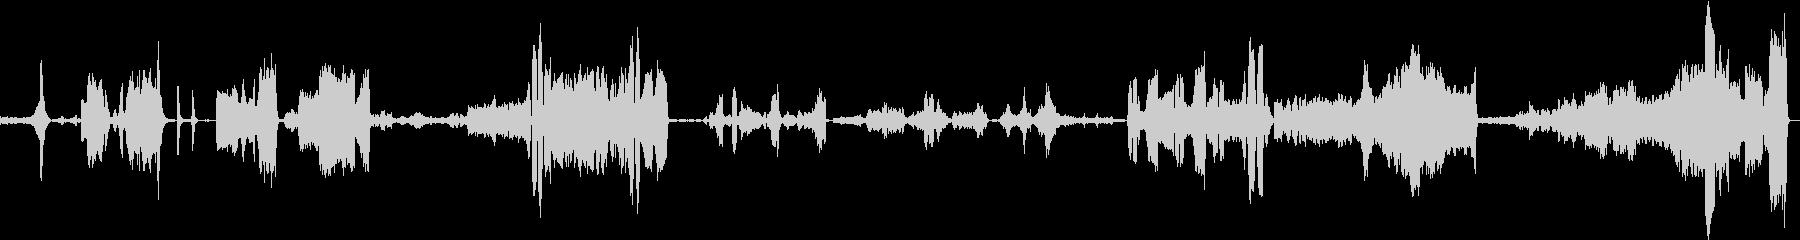 パウル・ヒンデミットのカバーの未再生の波形